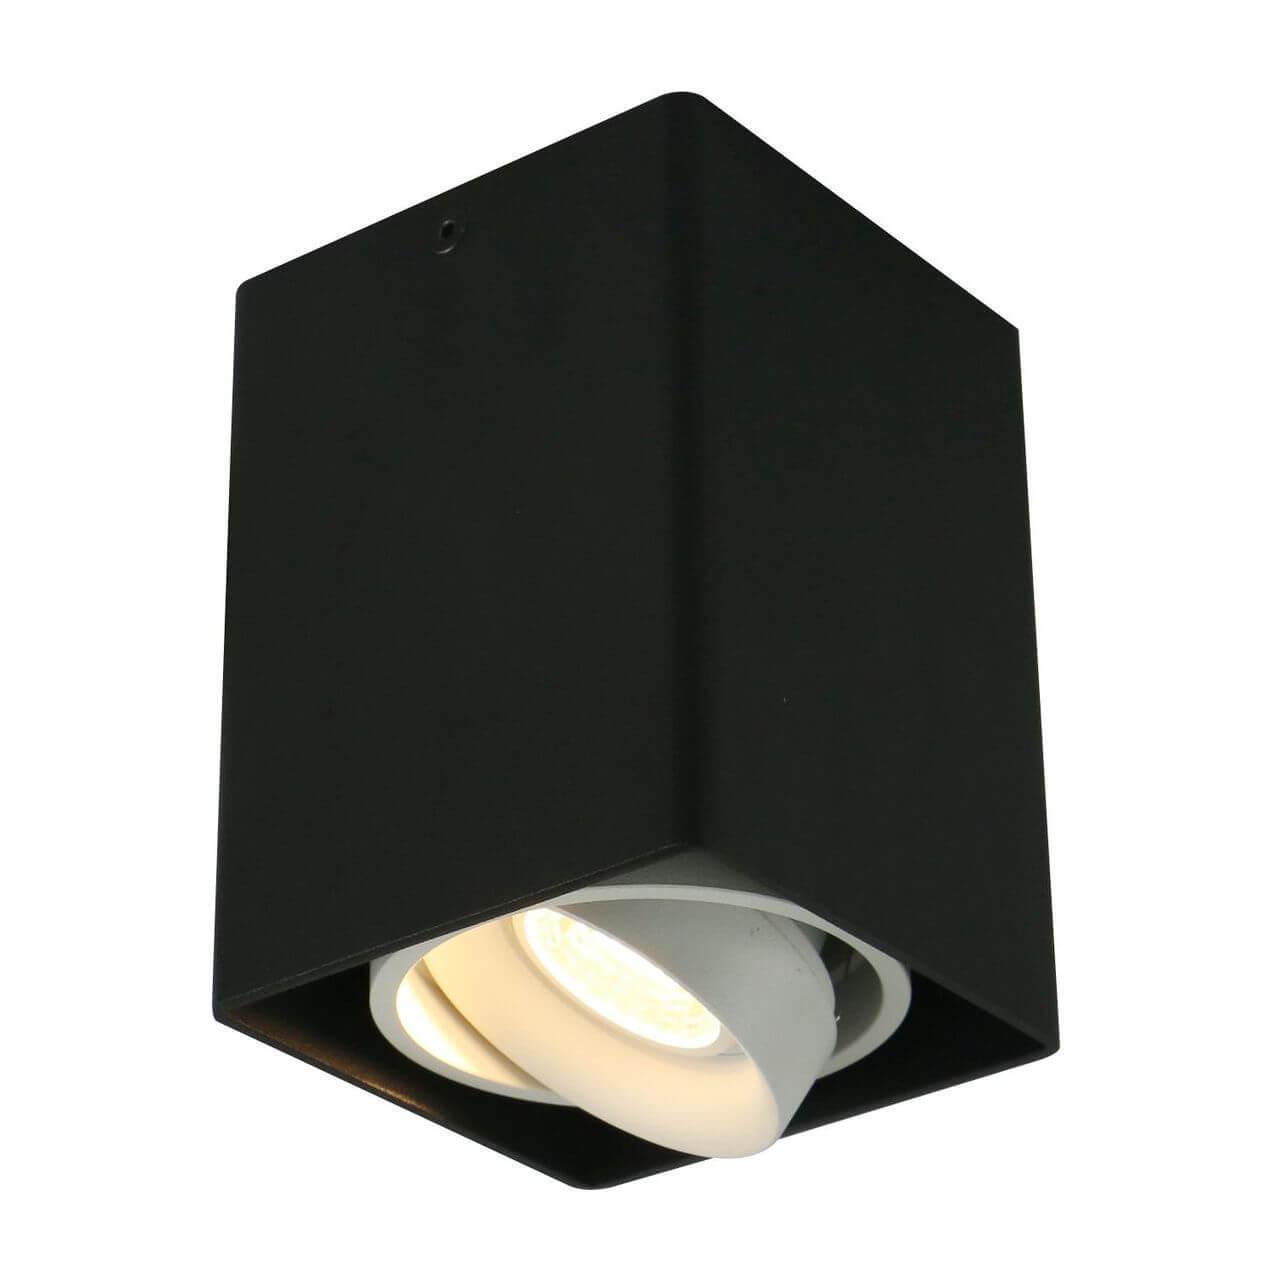 Потолочный светильник Arte Lamp A5655PL-1BK, черный потолочный светильник arte lamp cardani a5936pl 1bk